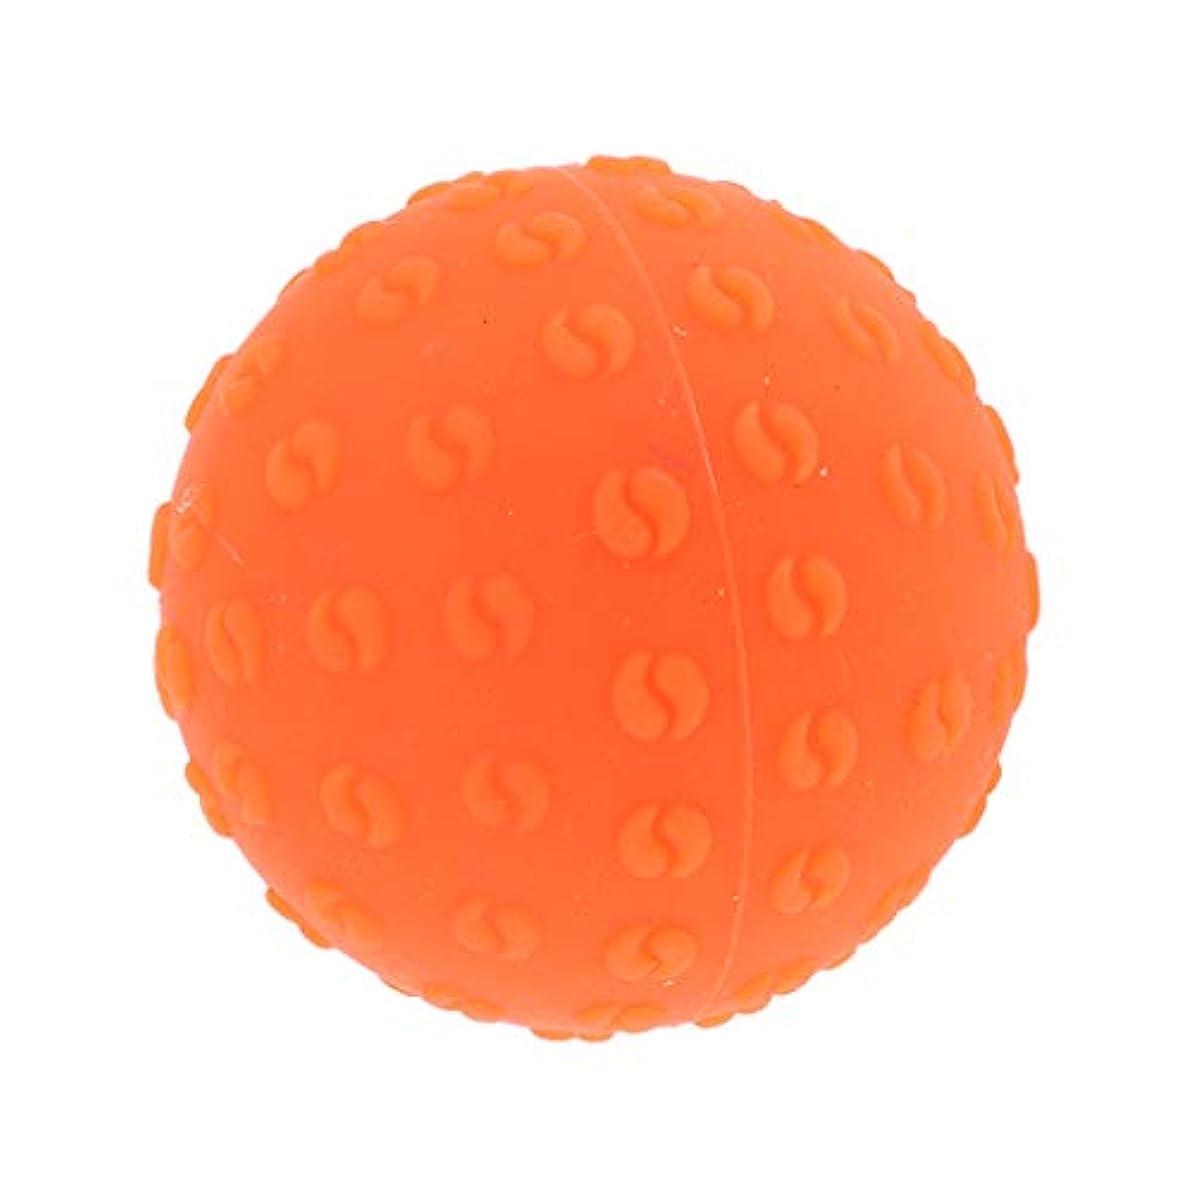 で出来ているマーティンルーサーキングジュニアアジテーションFenteer マッサージボール 指圧ボール シリコーン トリガーポイント 足底筋膜炎 ヨガ ツボ押しグッズ 全6色 - オレンジ, 説明のとおり